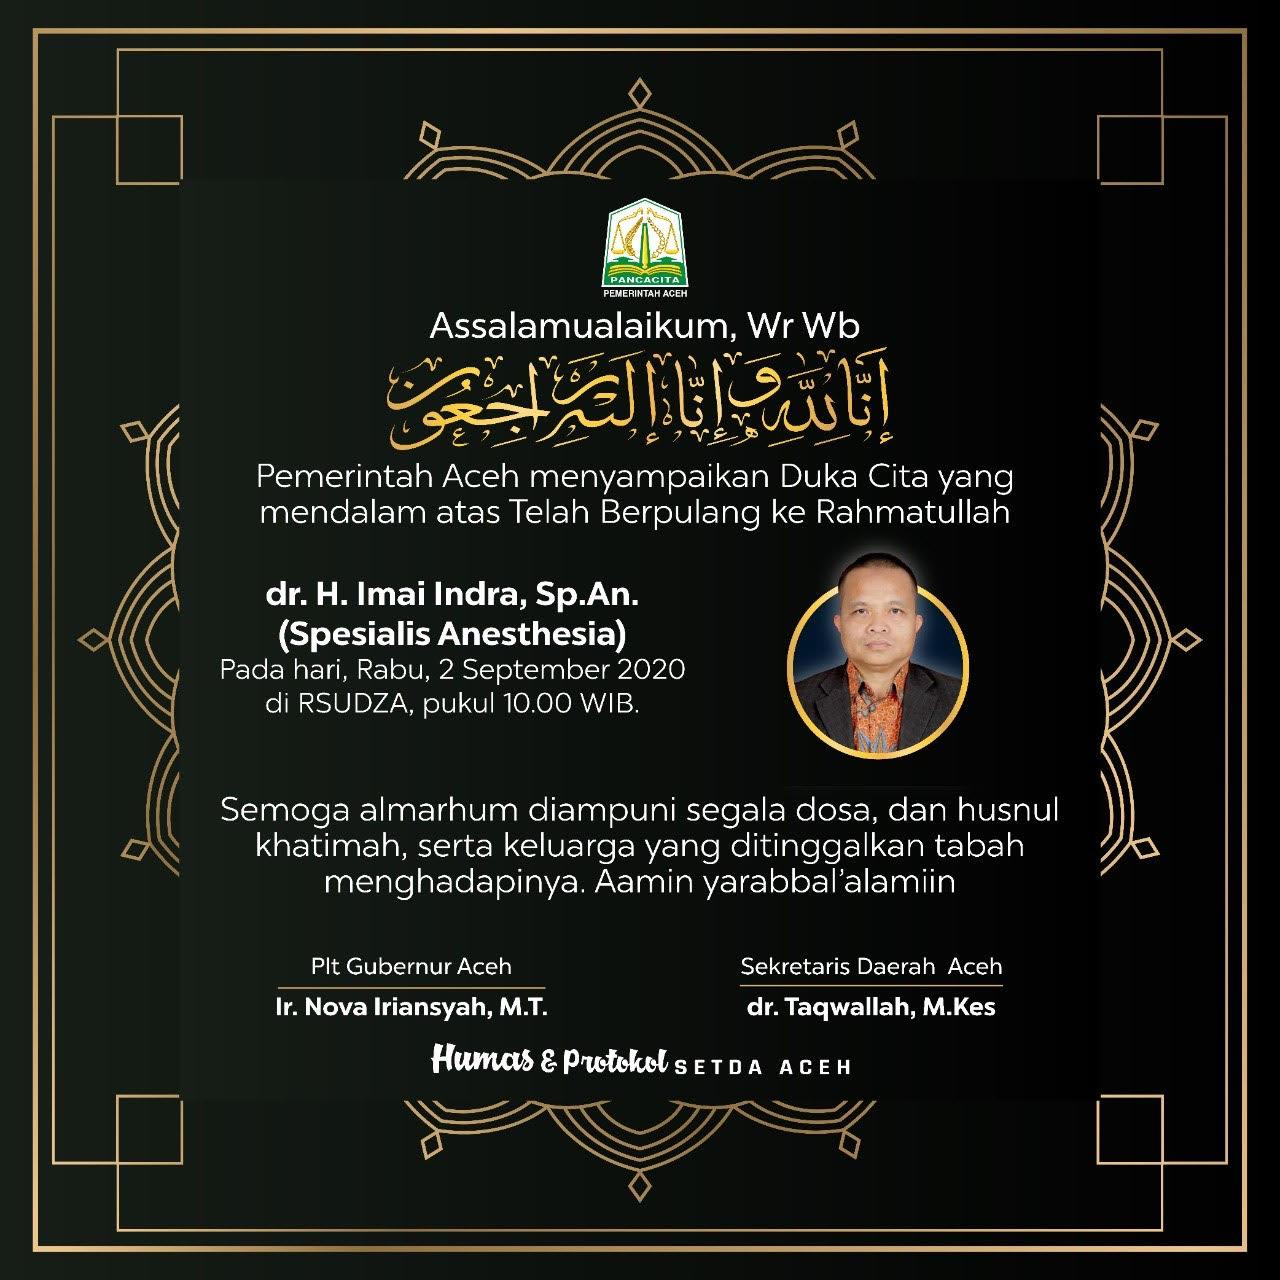 Plt Gubernur Sampaikan Duka Cita Teruntuk dr. Imai Indra SpAn